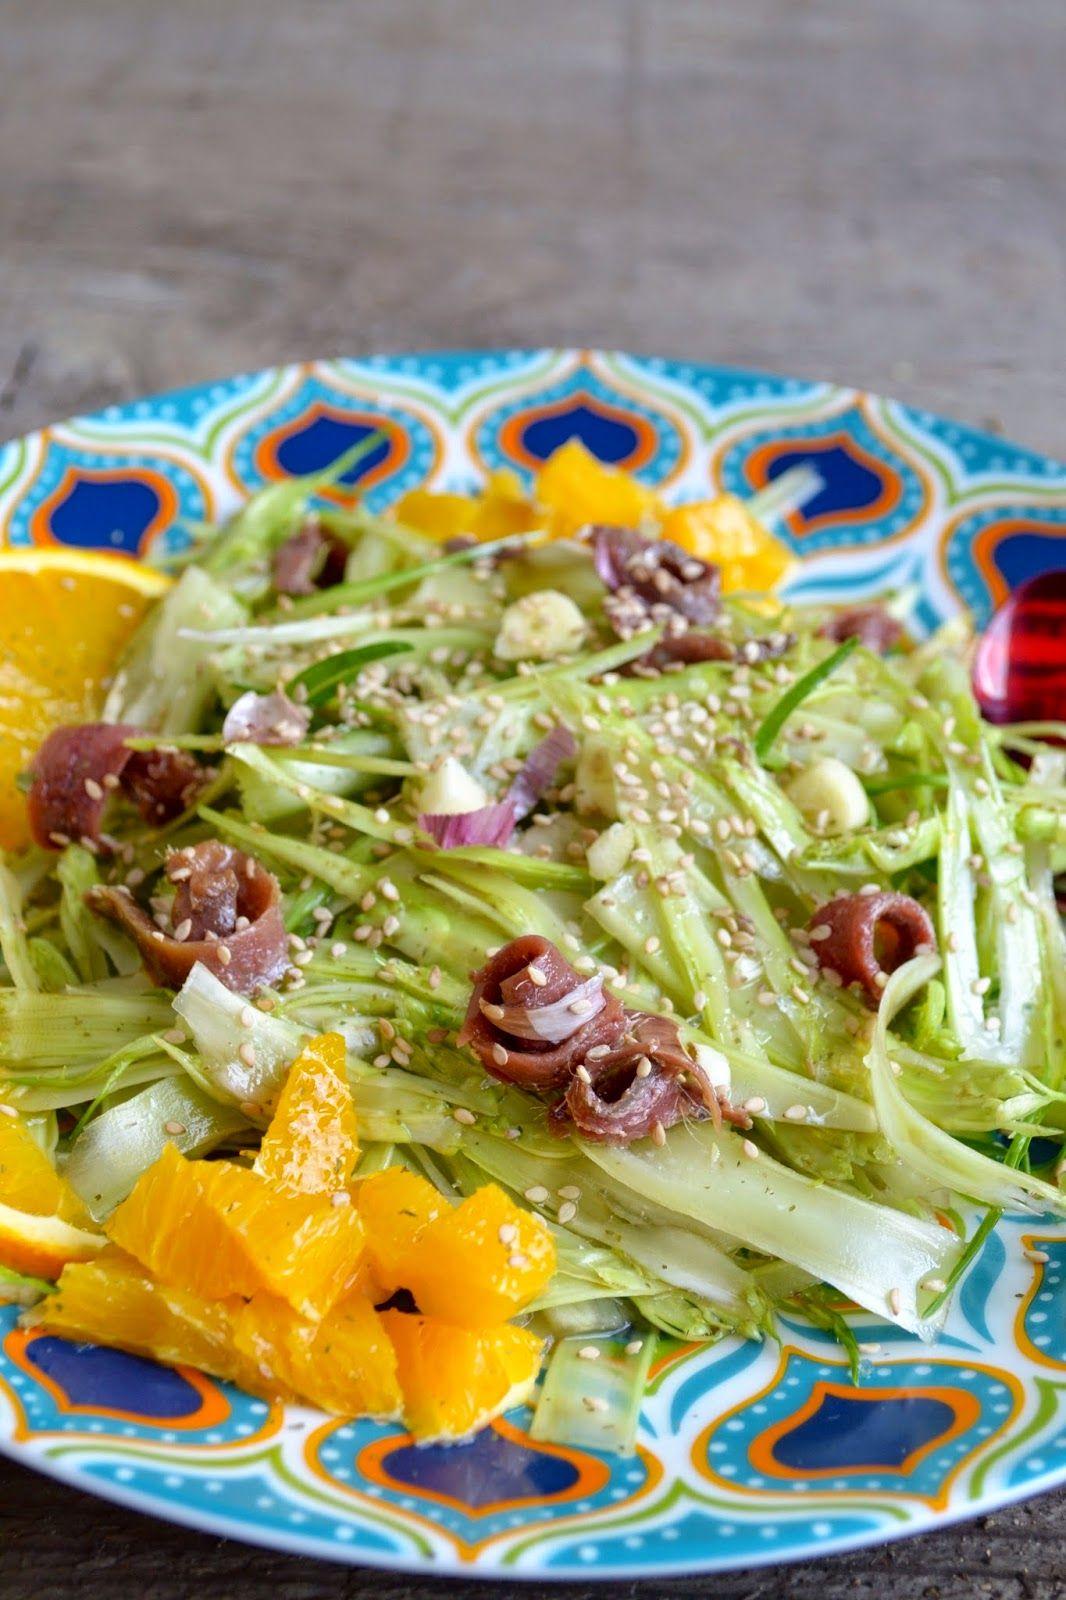 Cucina di barbara food blog blog di cucina ricette for Antipasti cucina romana